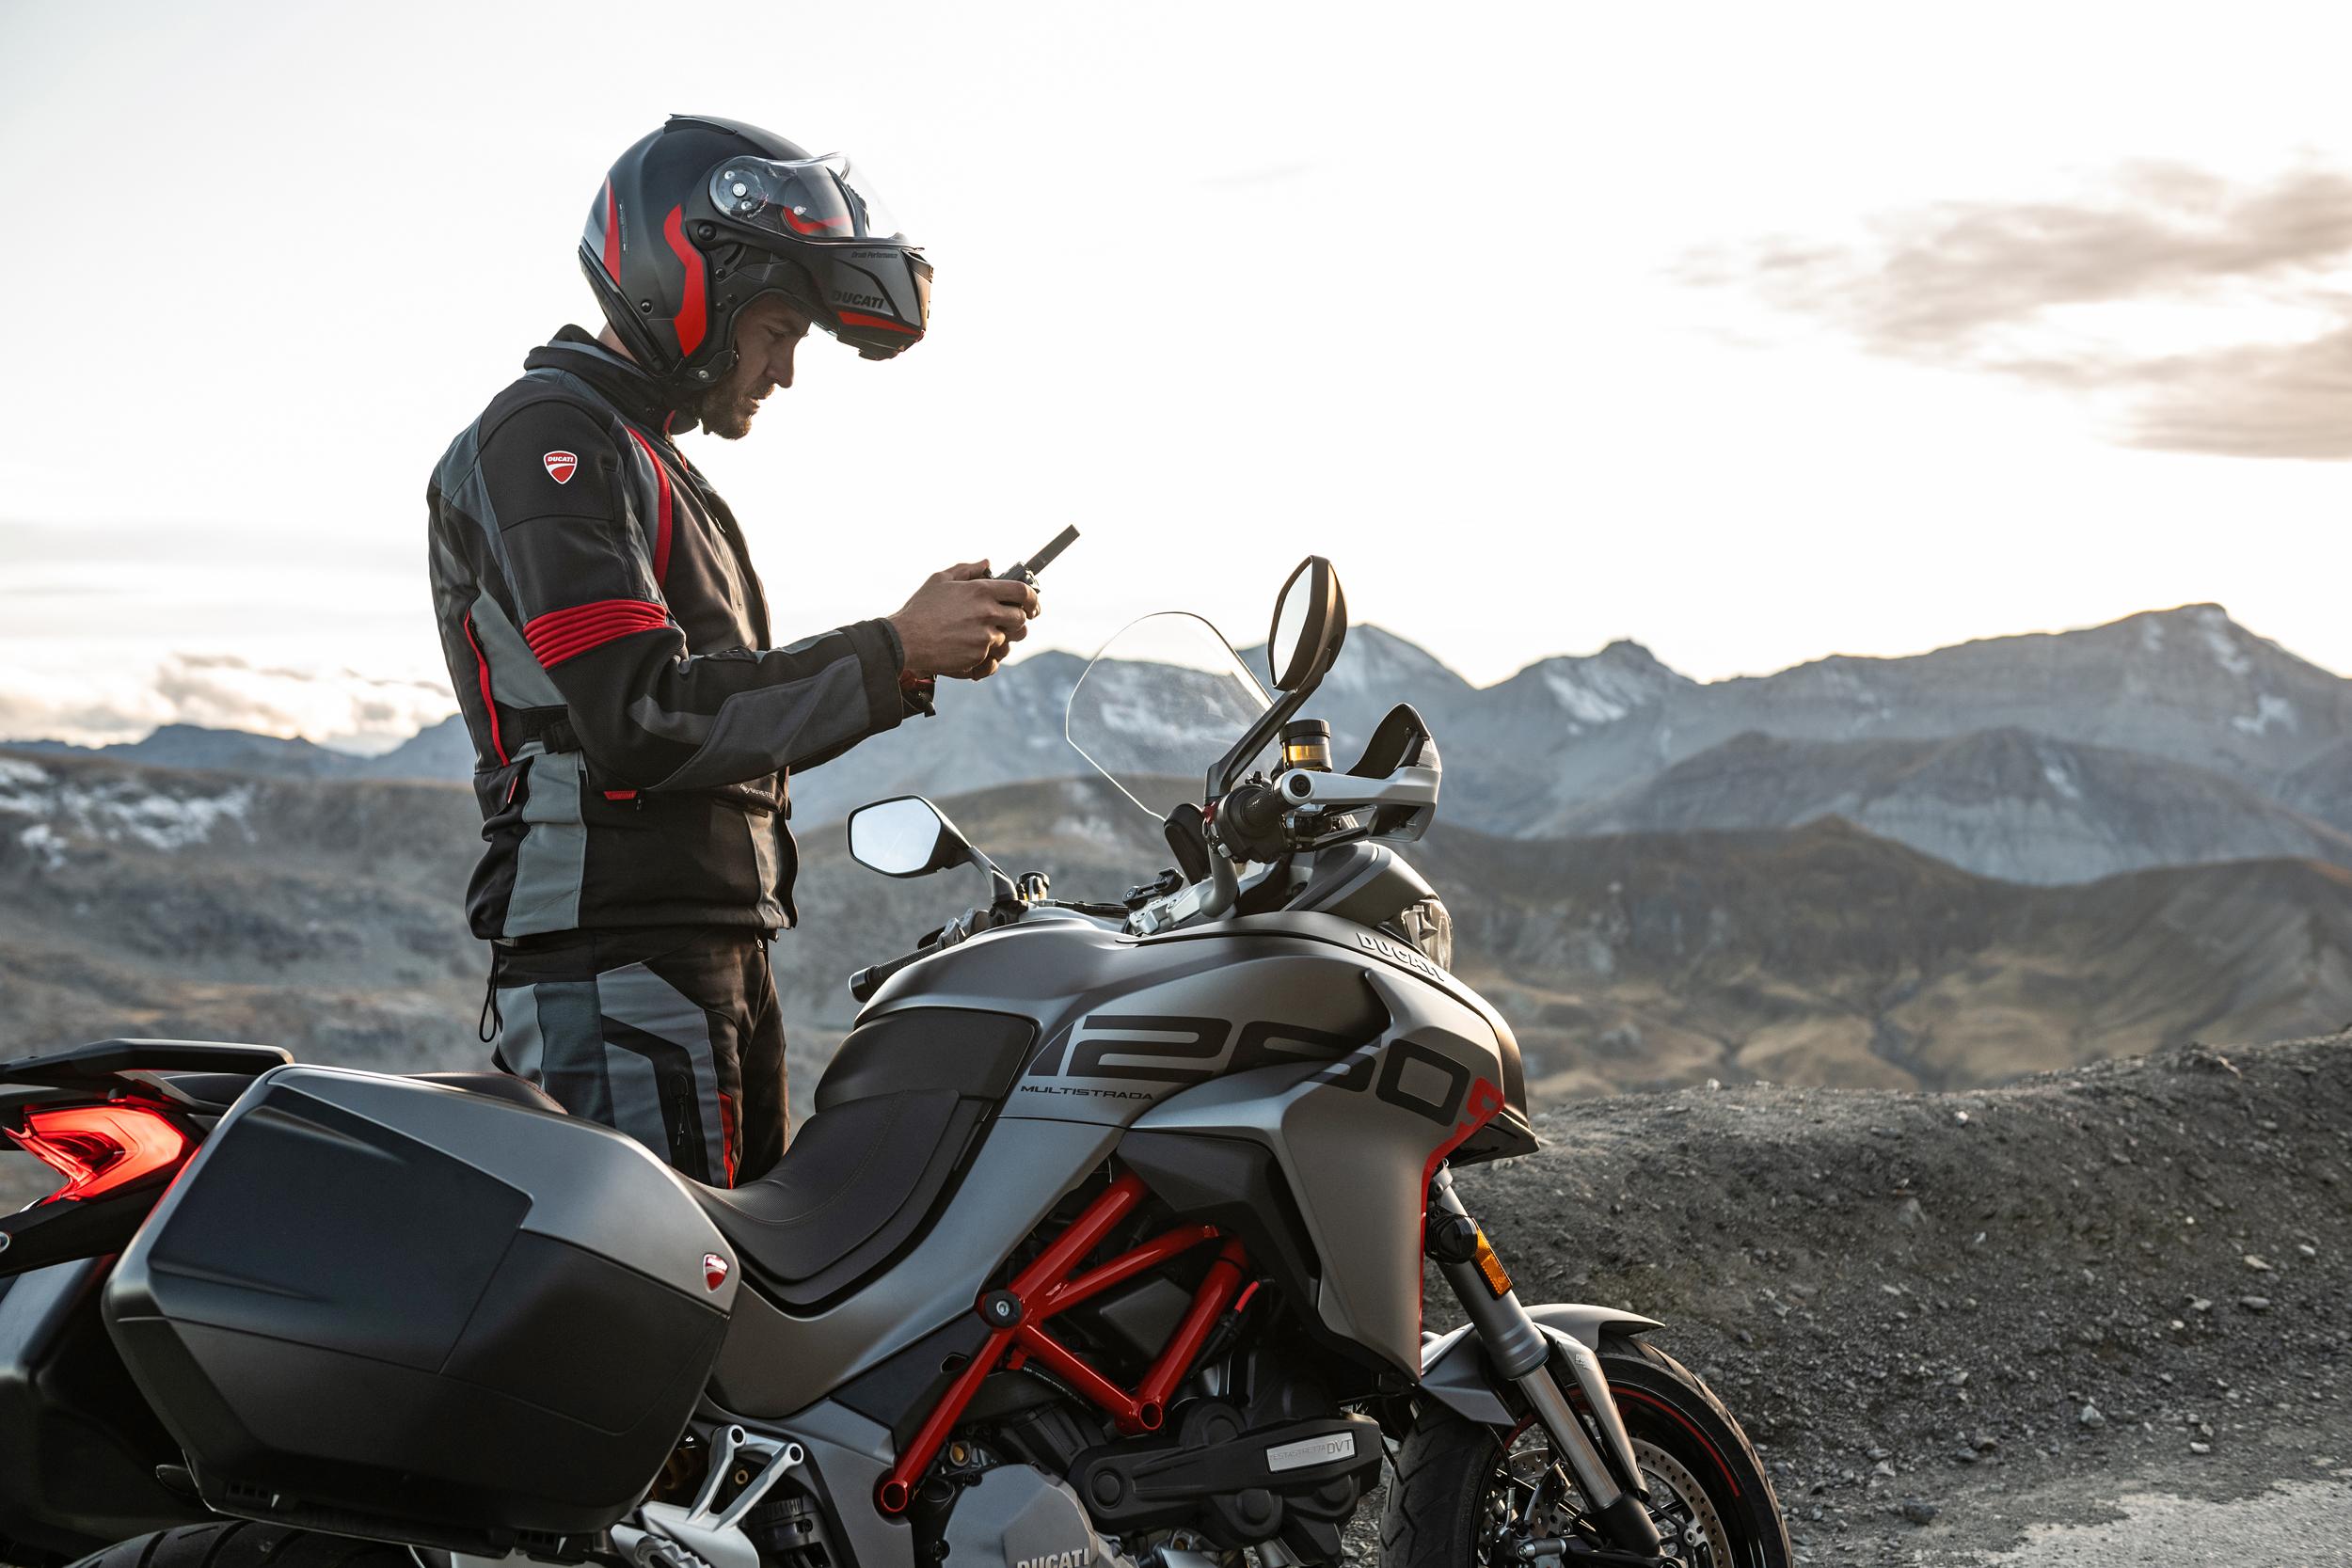 Ducati Multistrada 1260 S Grand Tour - Ready 4 Red